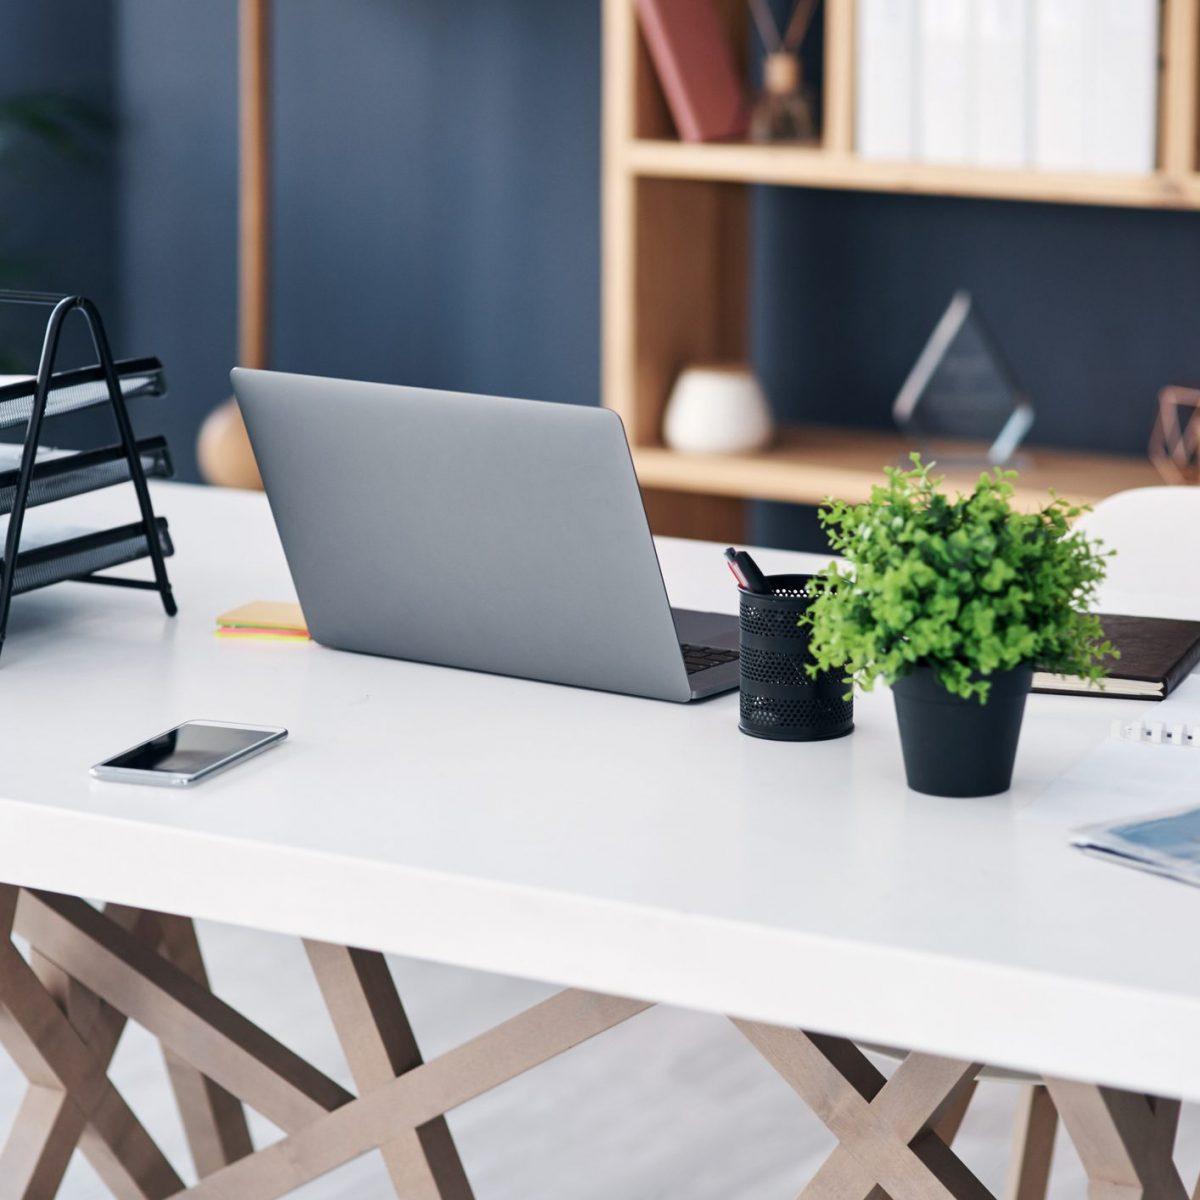 Come Organizzare La Propria Scrivania le migliori scrivanie per pc del 2020: guida all'acquisto